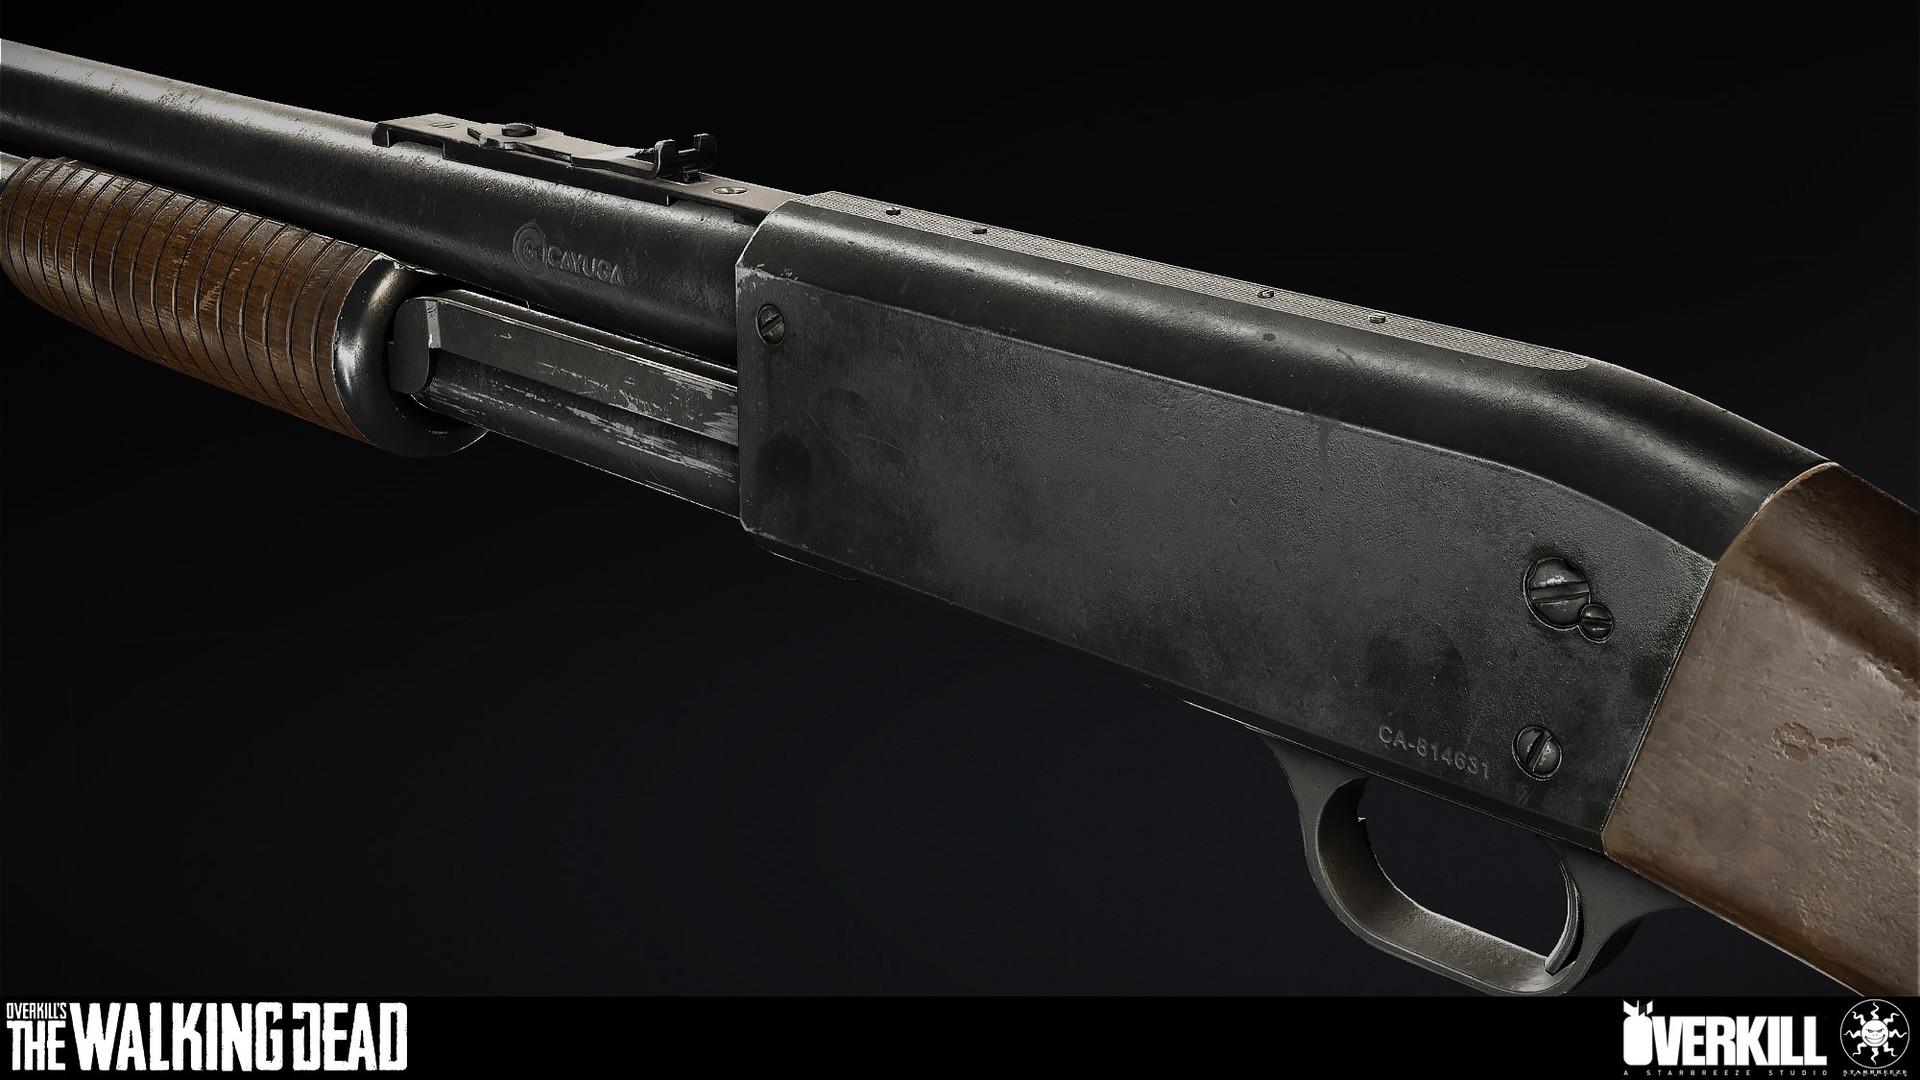 Maxi vazquez m37 2